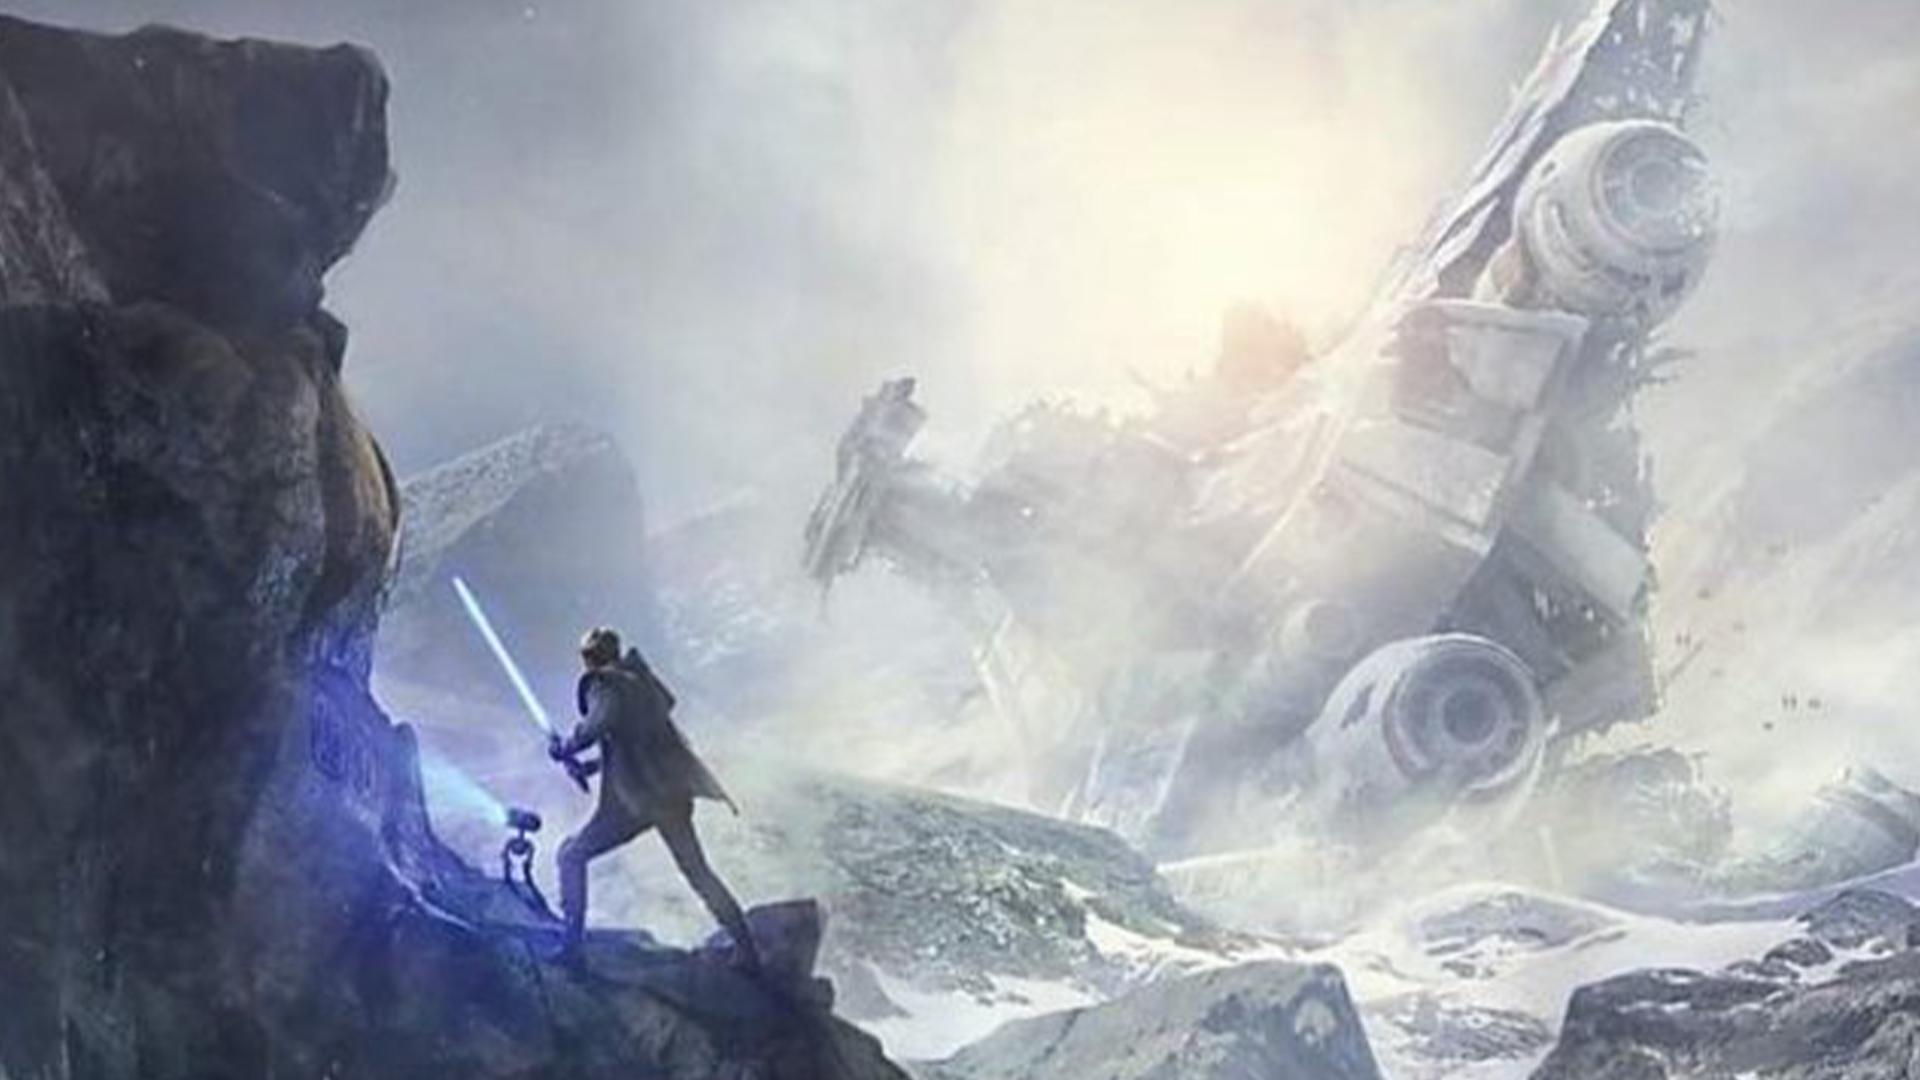 star wars jedi: fallen order - photo #10